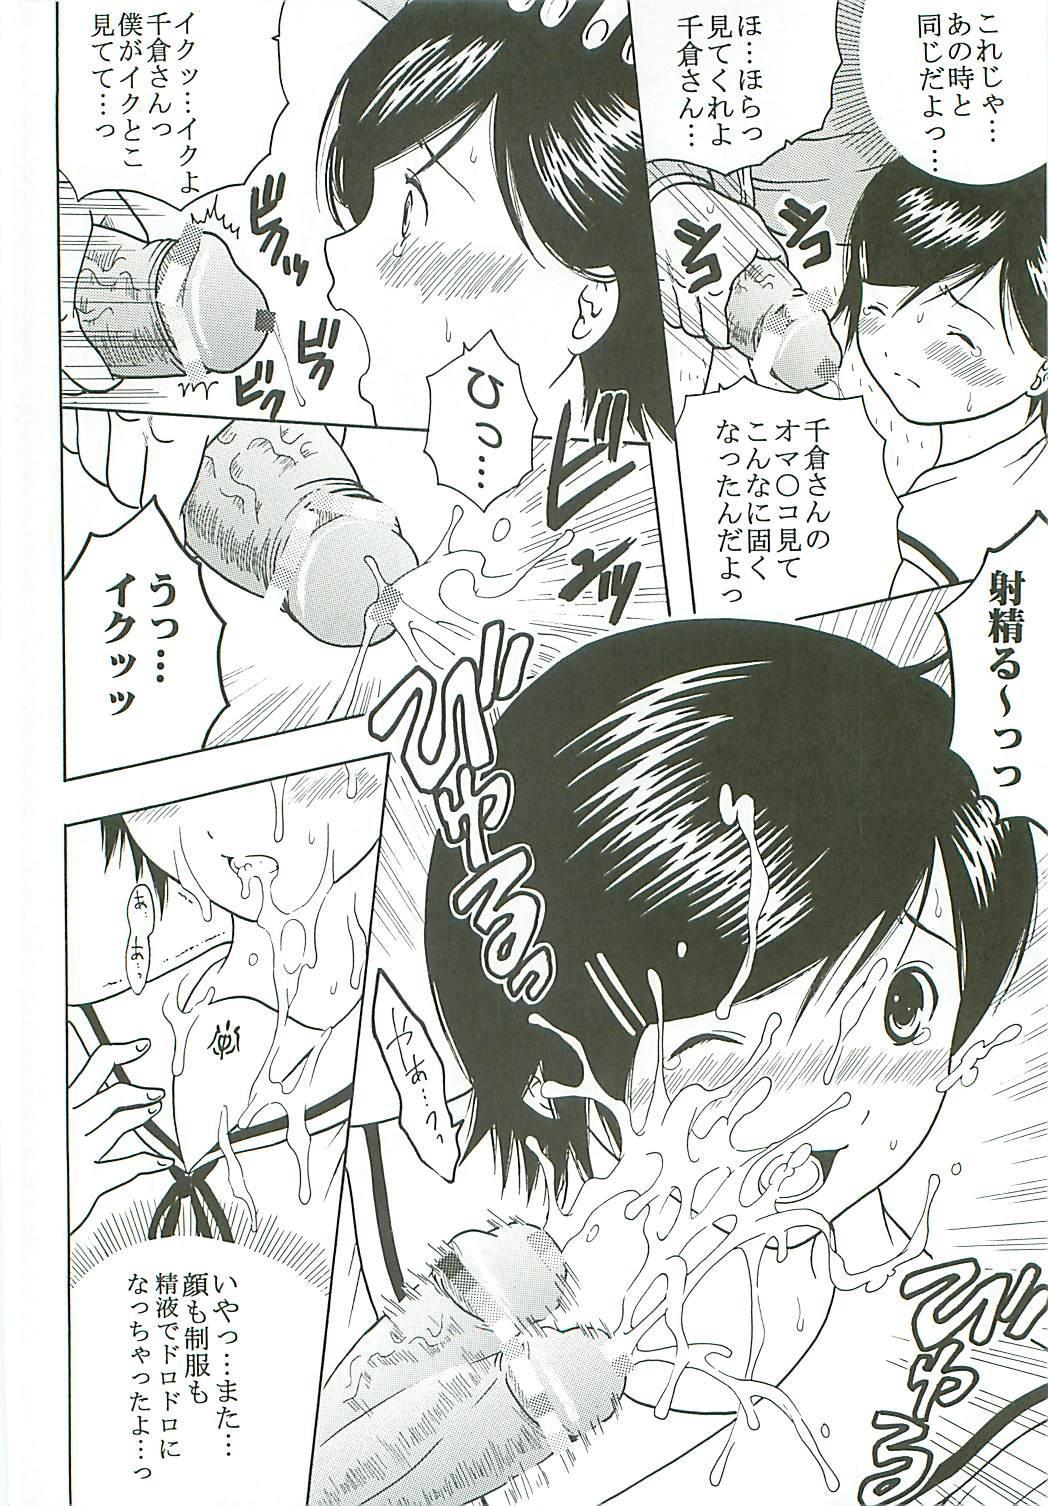 Chitsui Gentei Nakadashi Limited vol.4 12